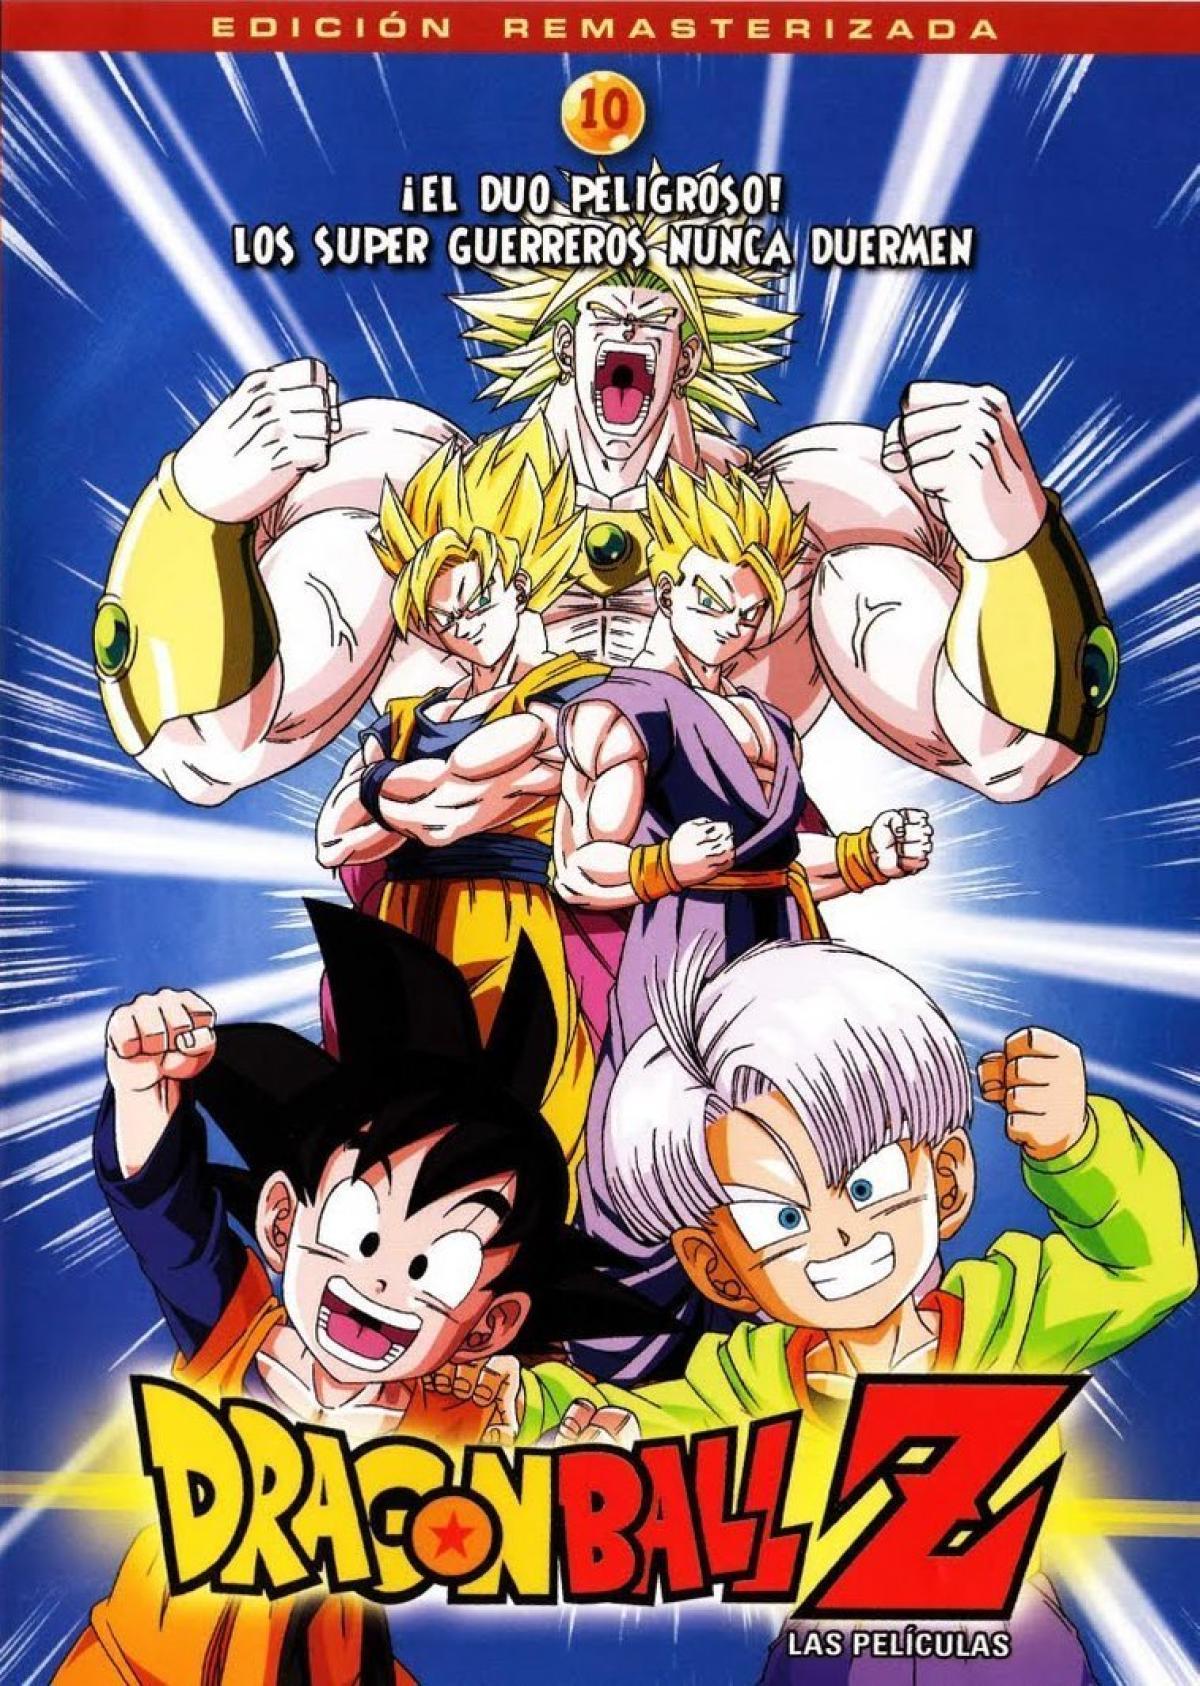 Dragon Ball Z El Regreso De Broly 1994 Críticas Noticias Novedades Y Opiniones Películas En Hobbyconsolas